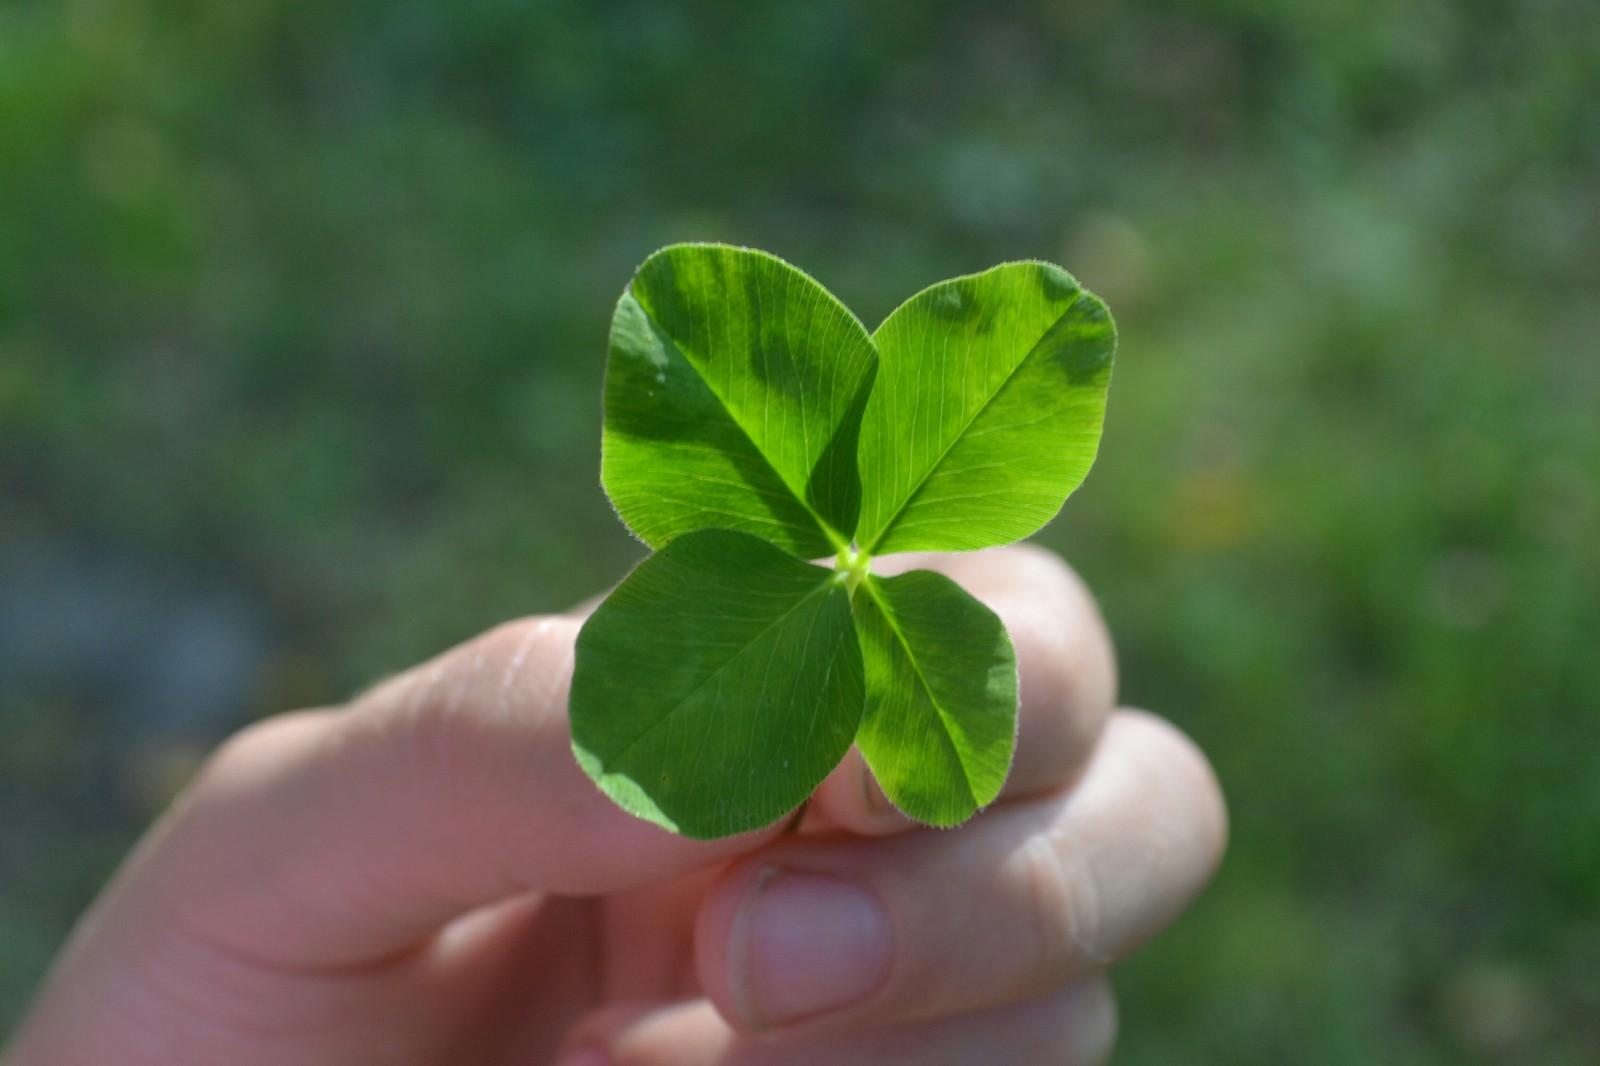 Как привлечь удачу и деньги в начале месяца: ритуалы на 1 апреля 2019 года